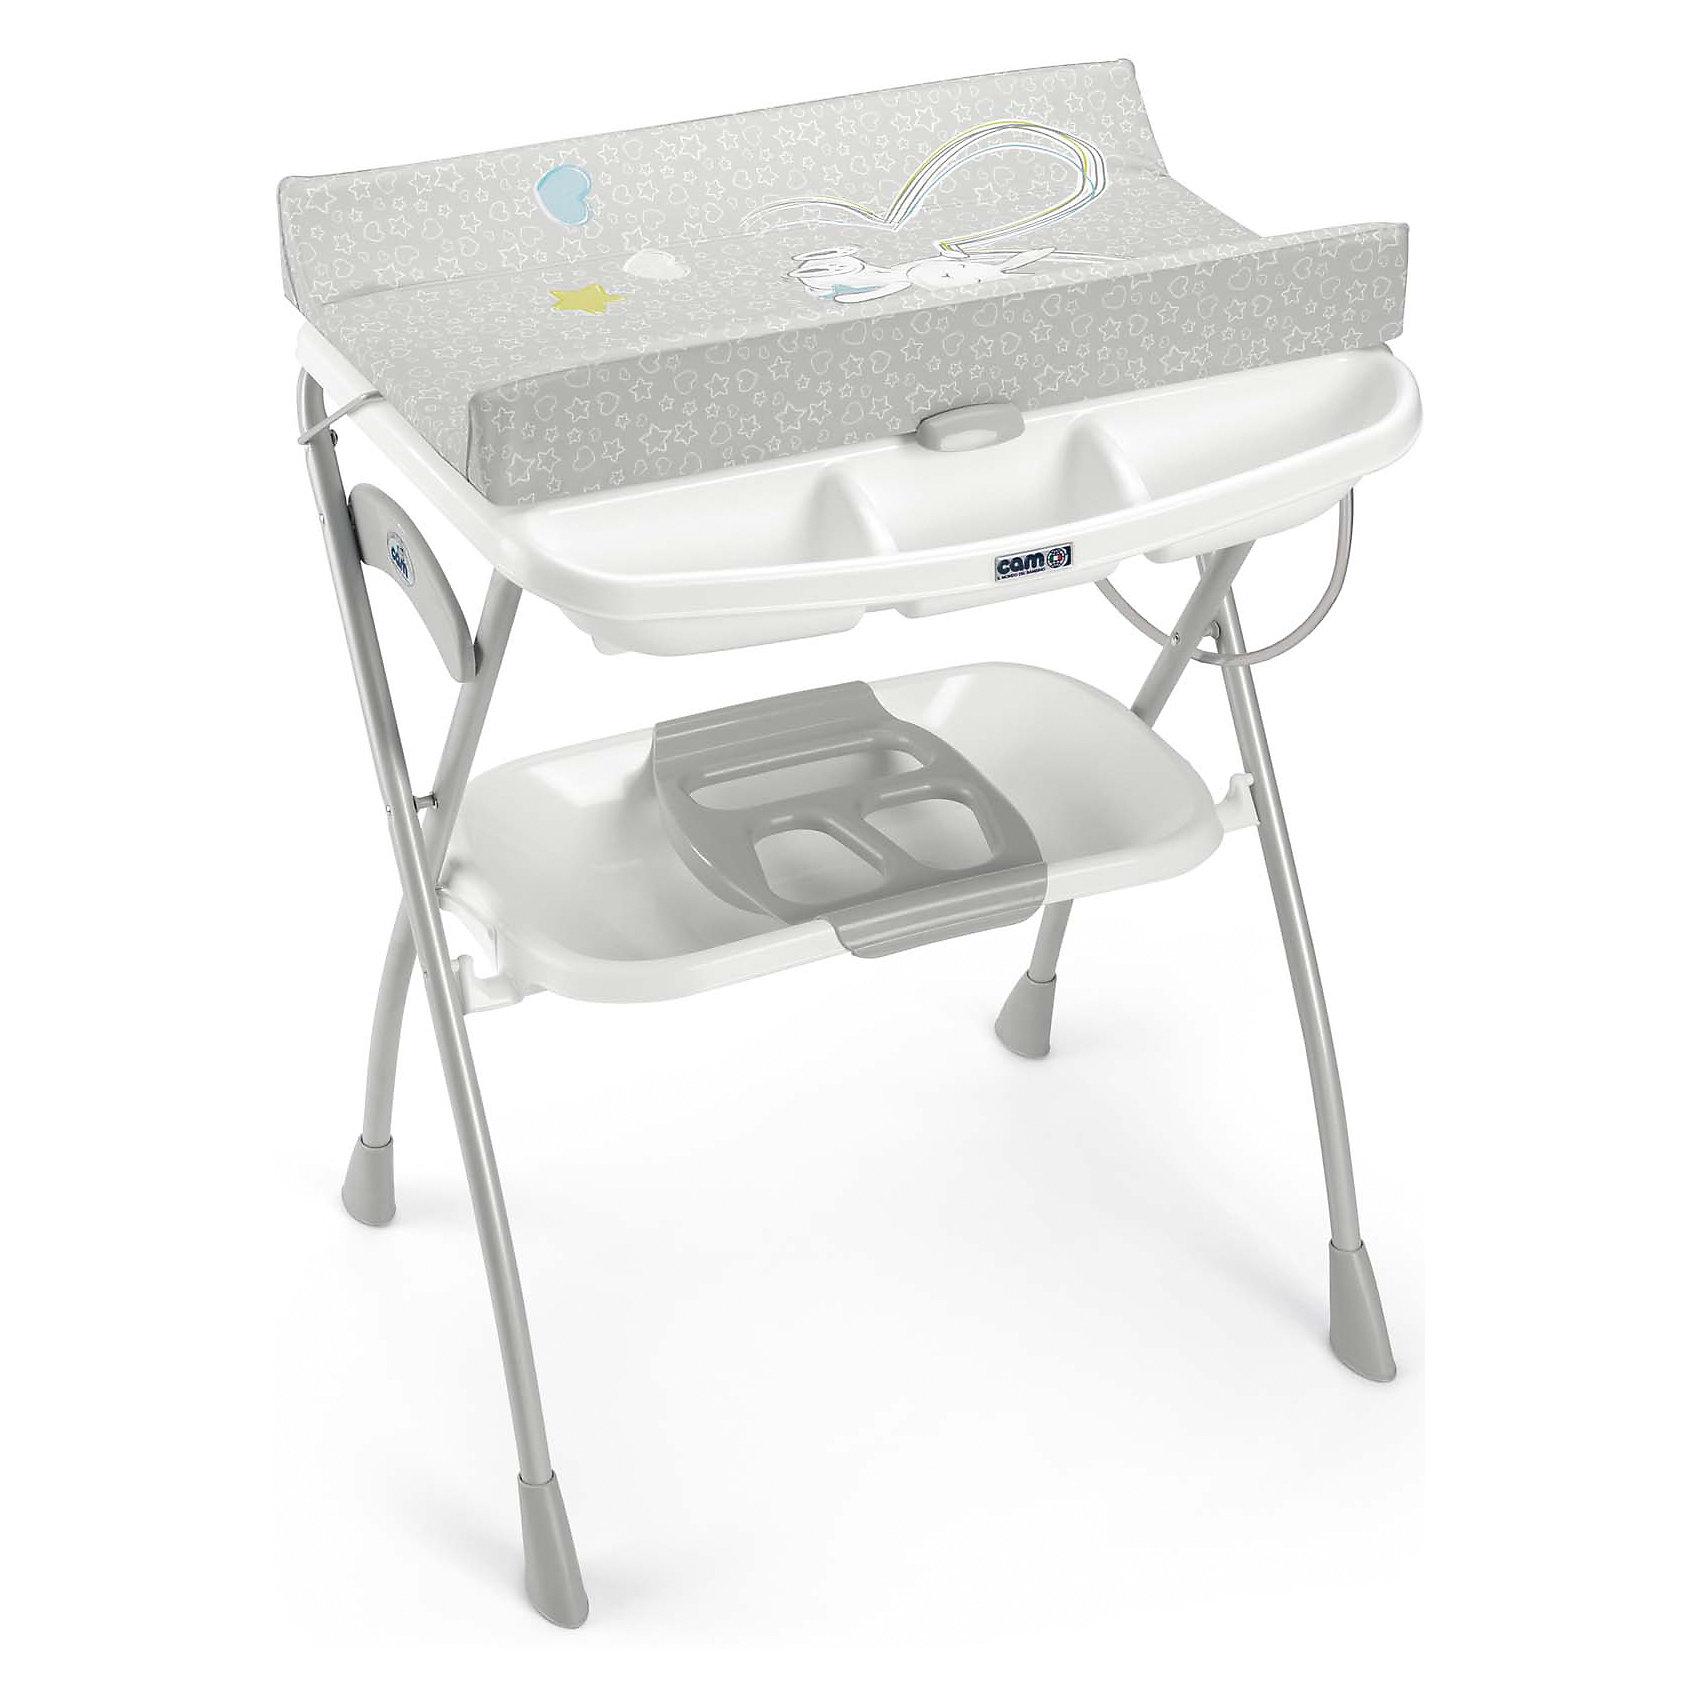 CAM Пеленальный столик Volare, Зайка, Cam, серый/белый cam автокресло auto gara 0 18 кг cam синий серый